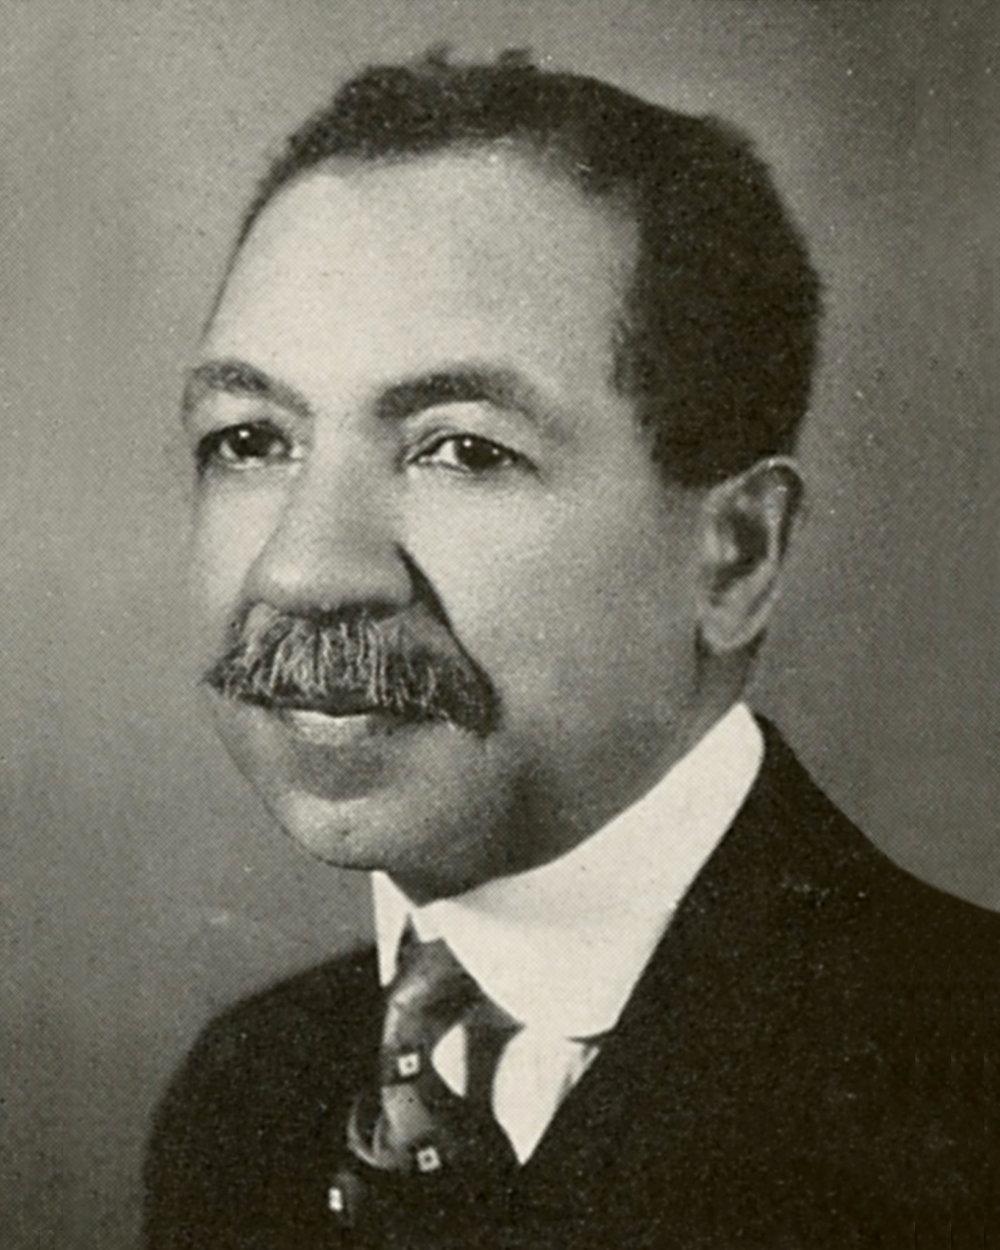 Copy of Hugh O. Cook